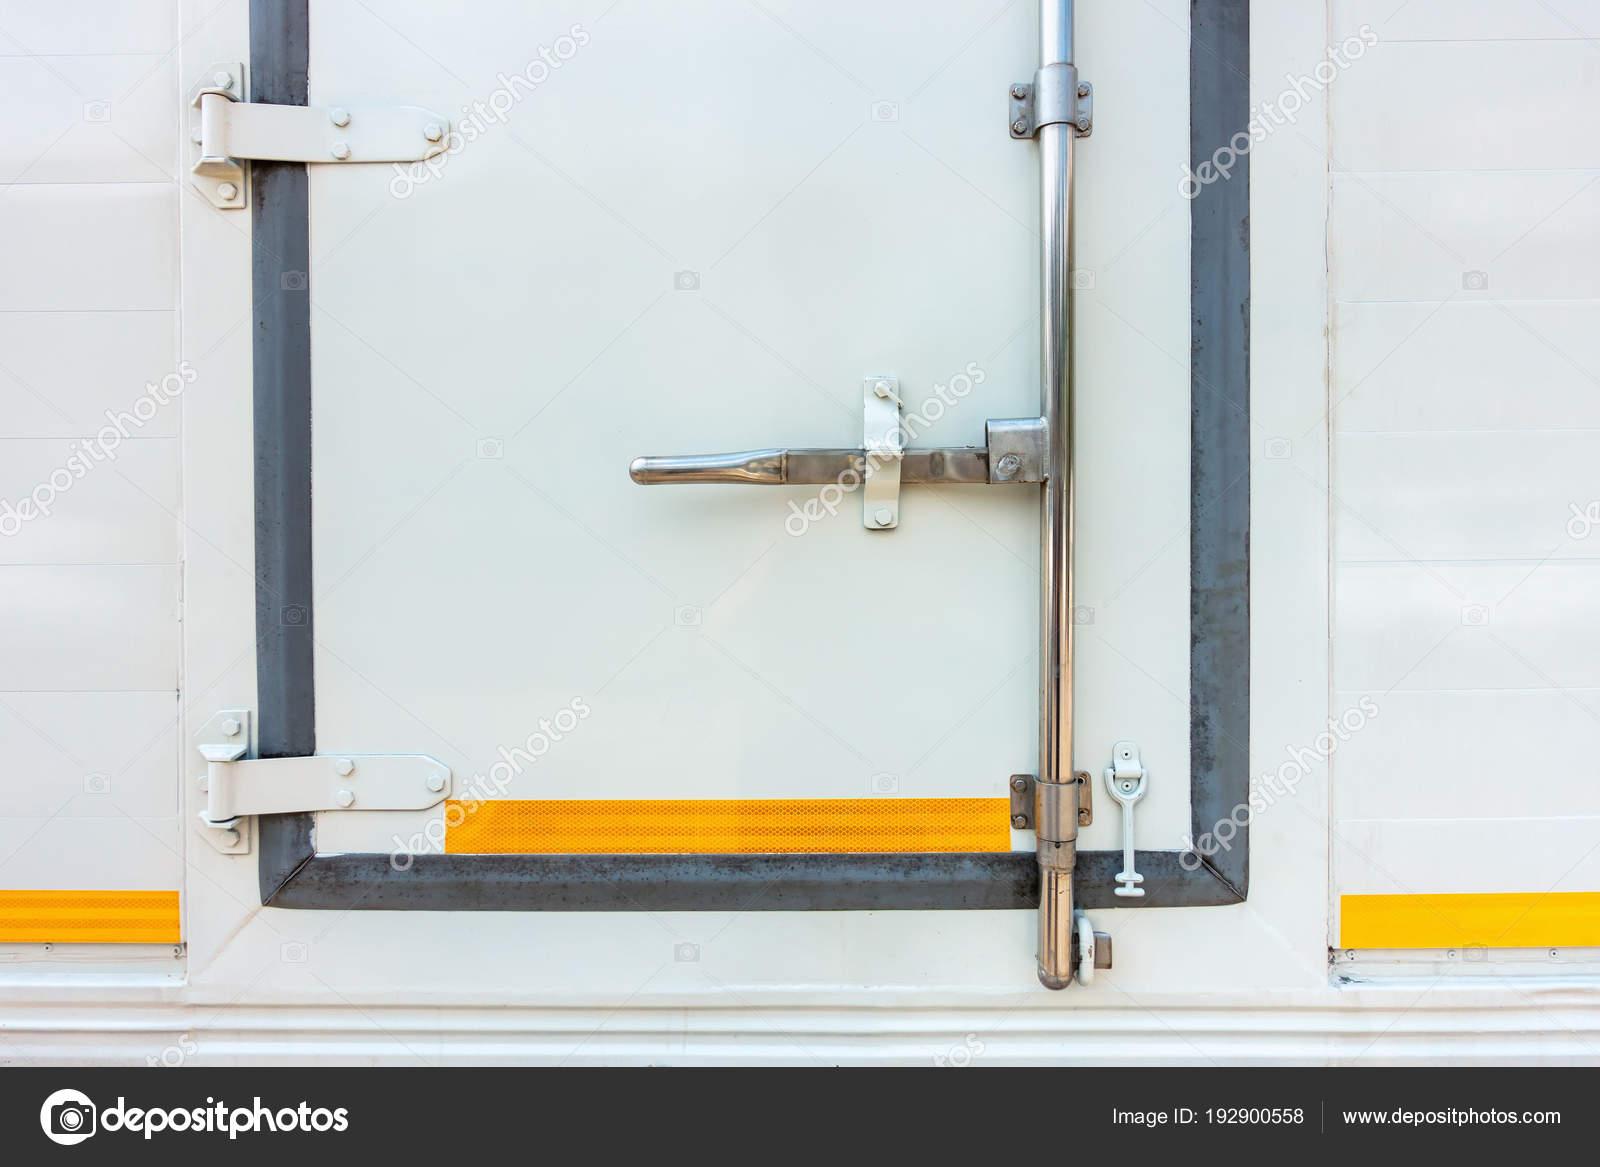 Retro Kühlschrank Griff : Container griff tür schrank kühlschrank lkw u stockfoto k d p